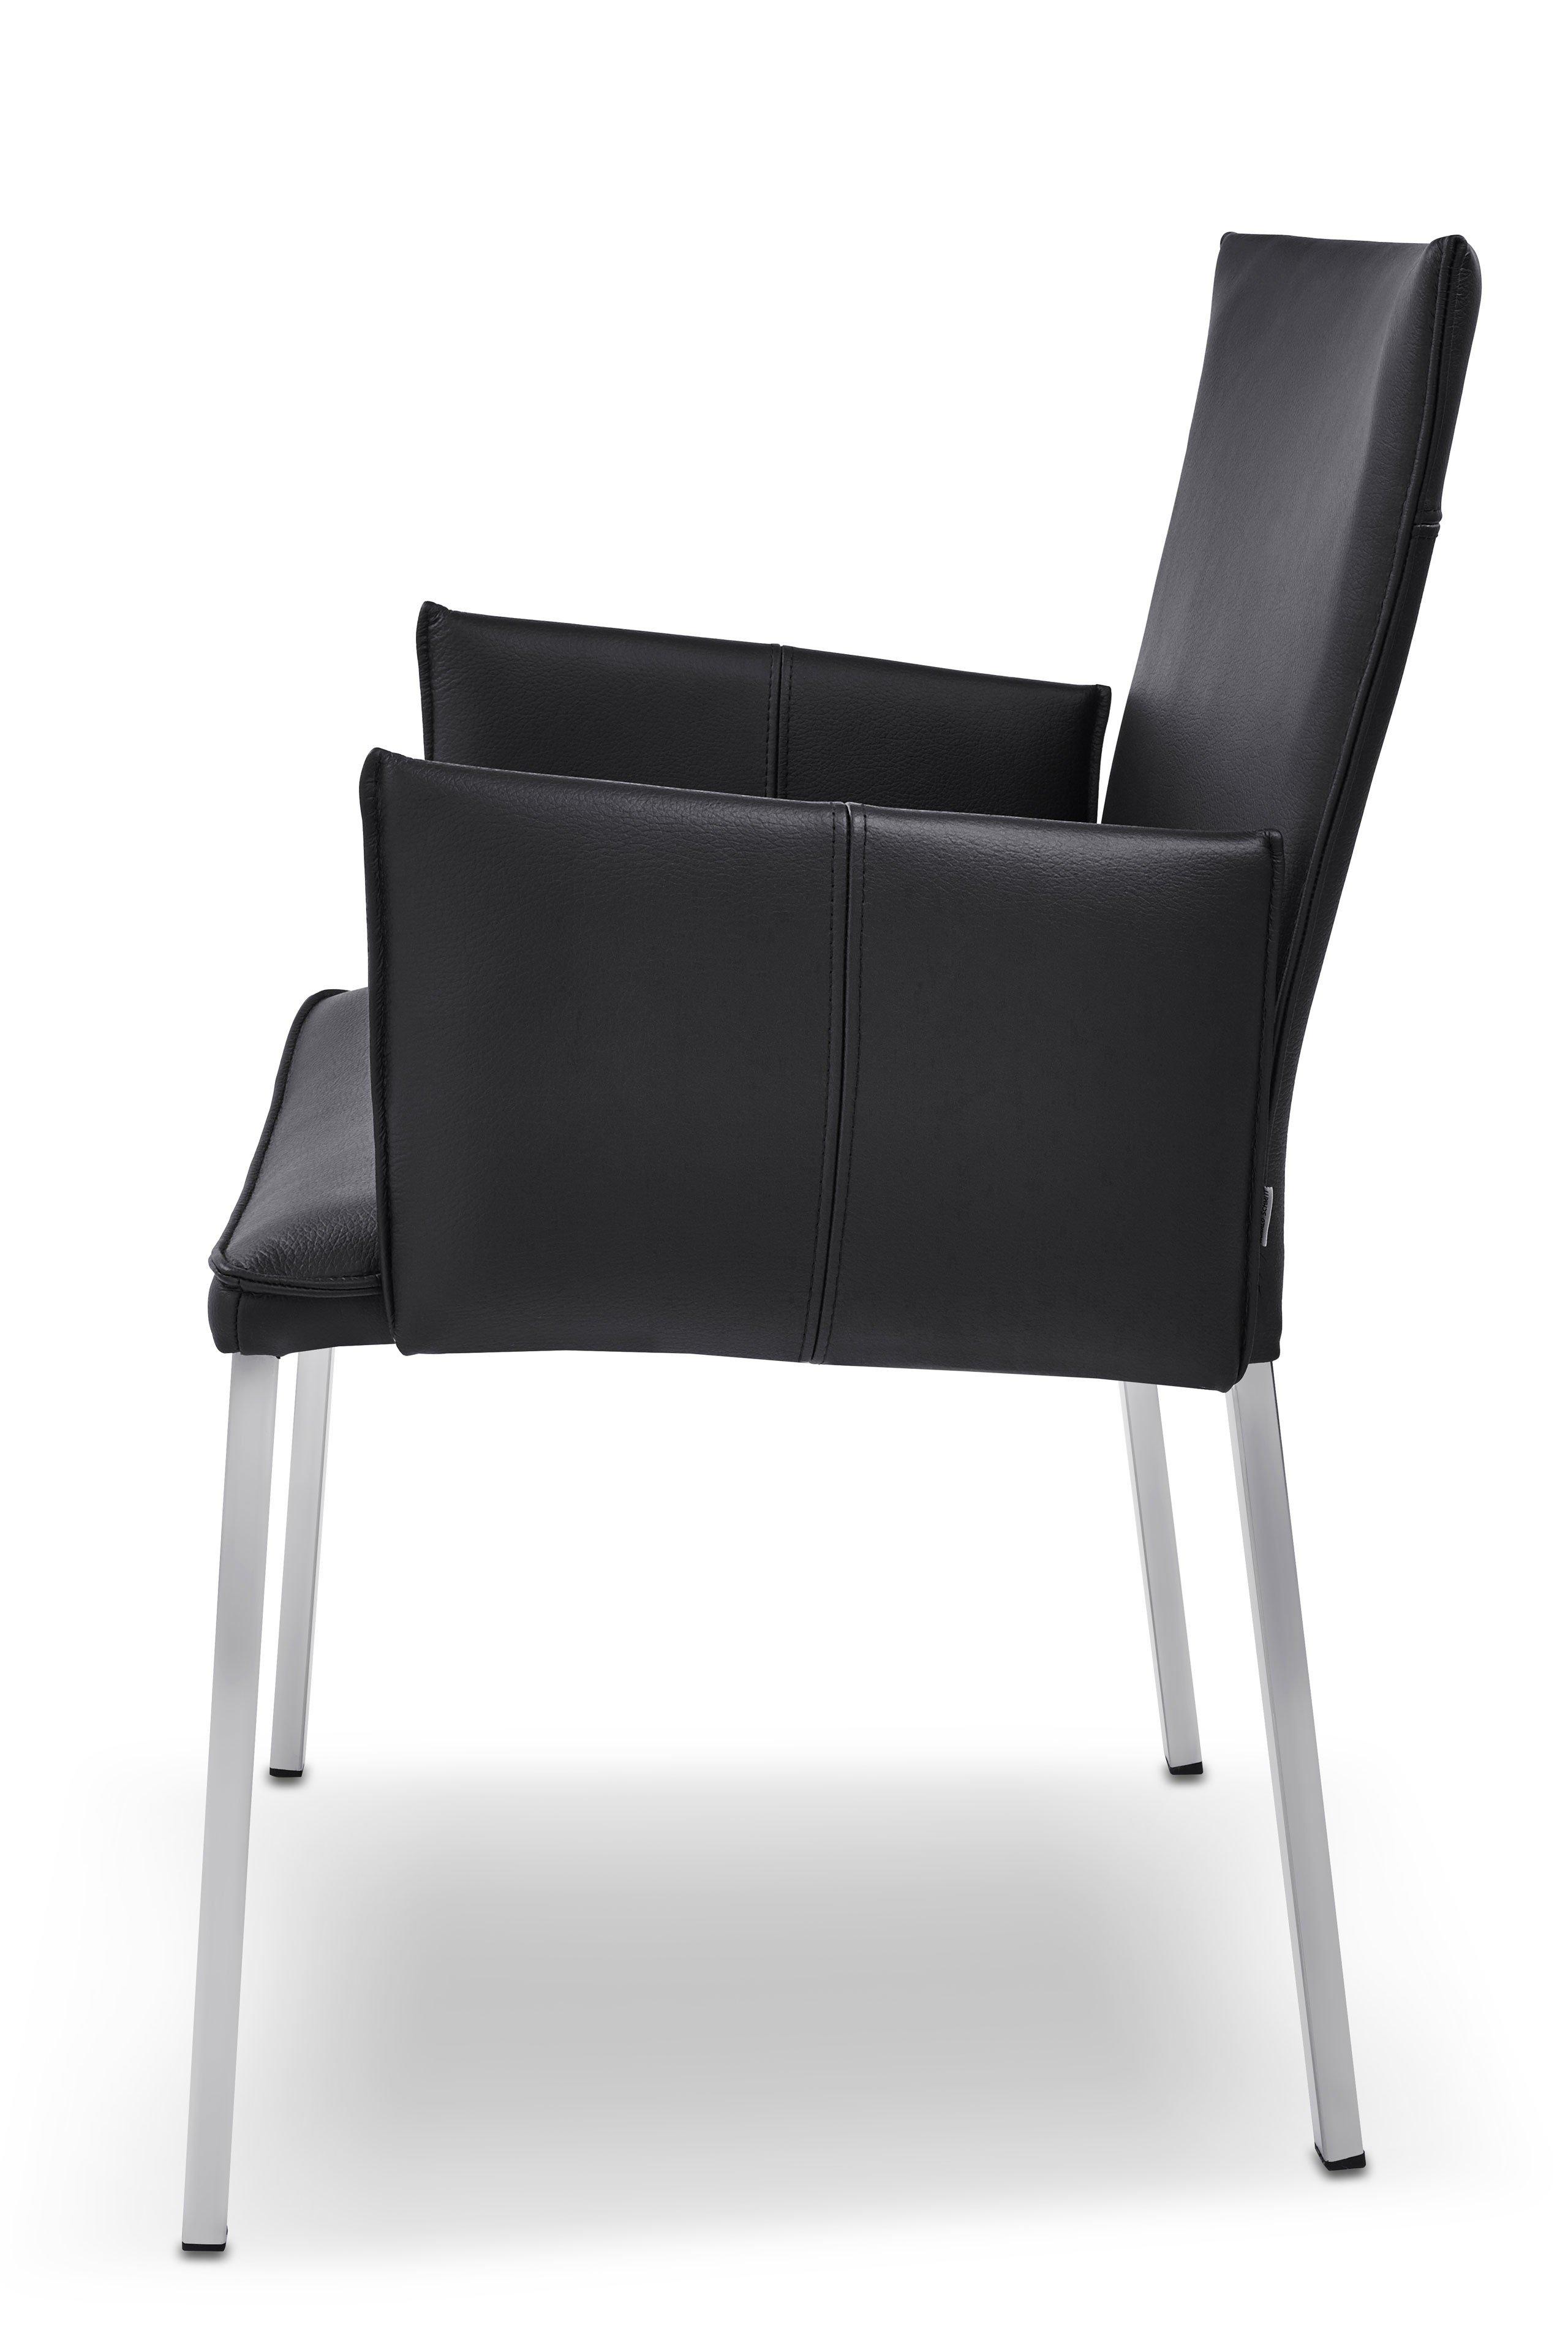 ronald schmitt stuhl stay rst 152 leder schwarz m bel letz ihr online shop. Black Bedroom Furniture Sets. Home Design Ideas